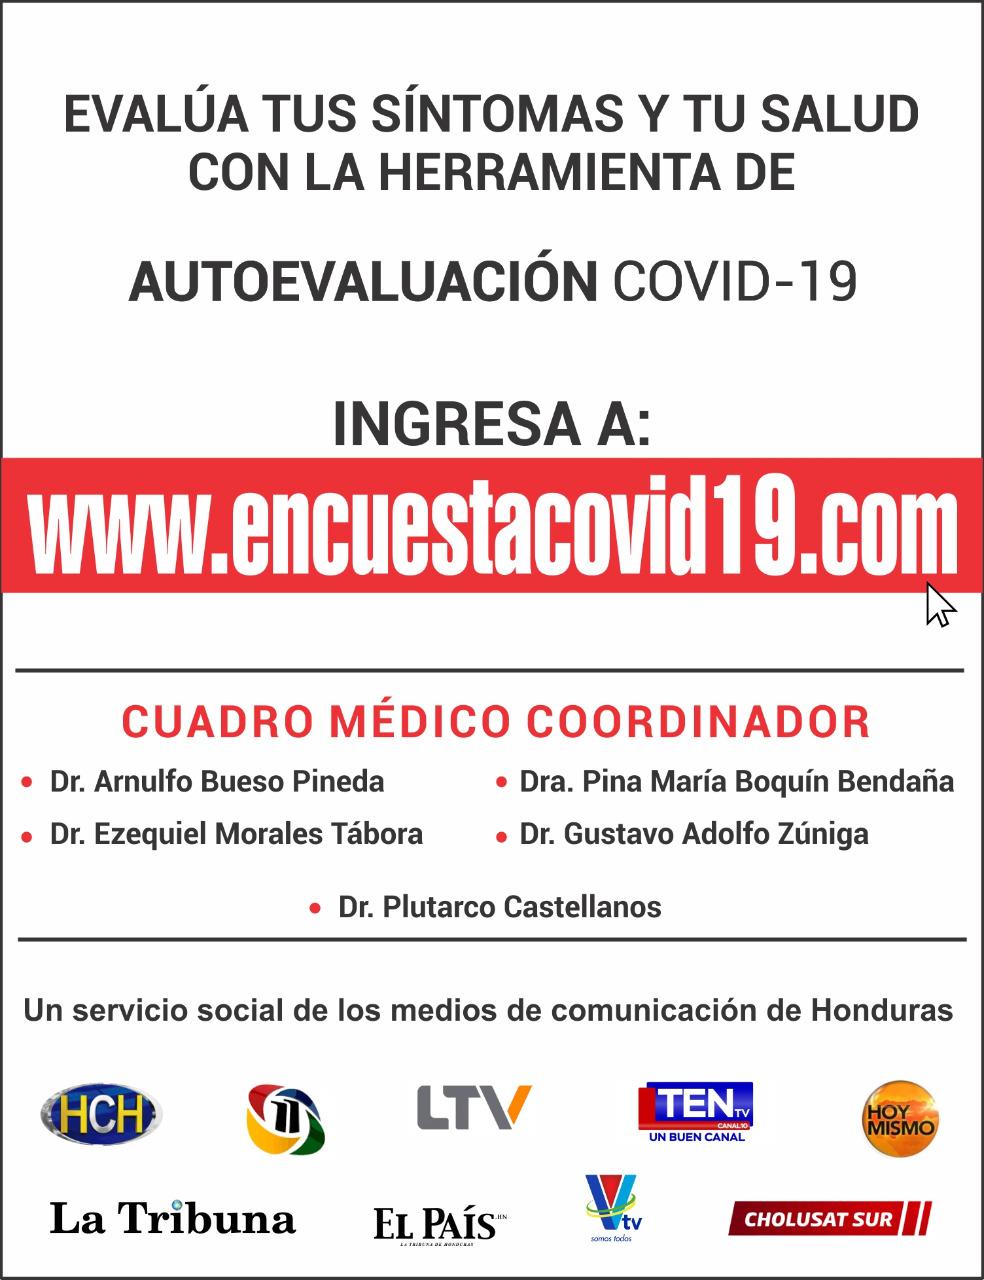 Hondureños respaldan sitio lanzado por influyentes medios para autoevaluar COVID-19